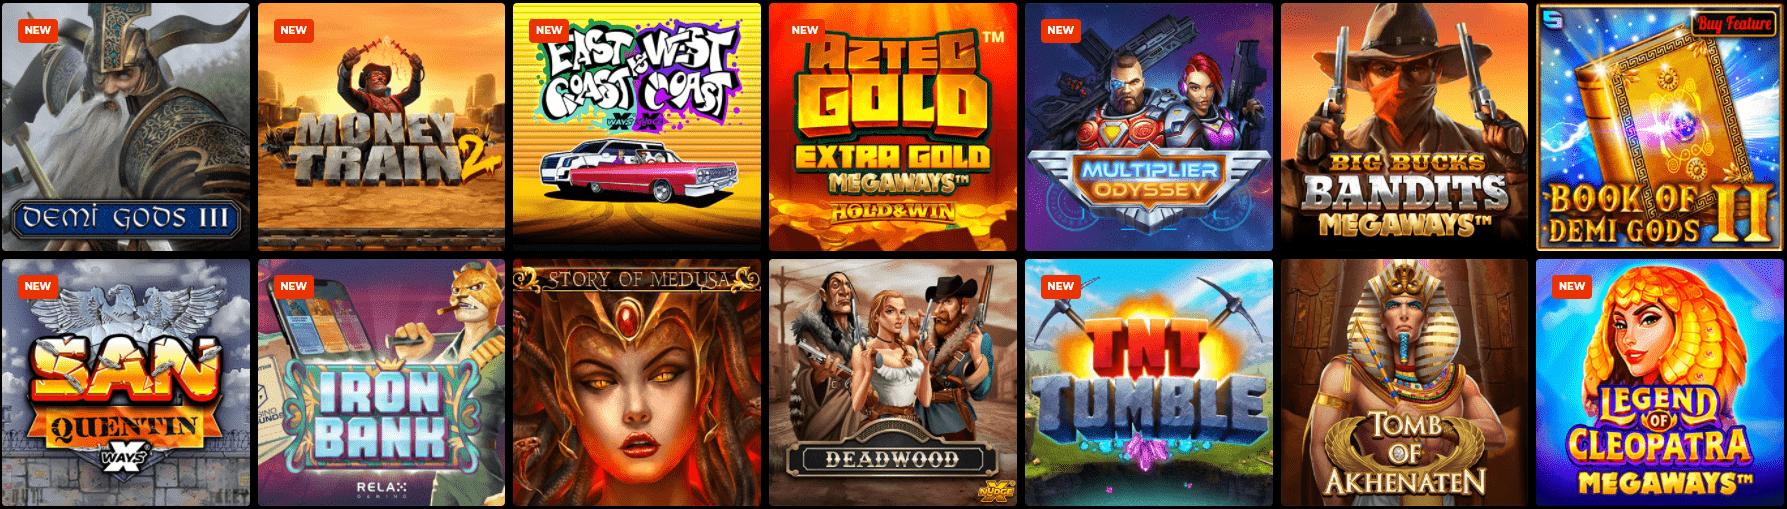 Spiele im N1 Casino